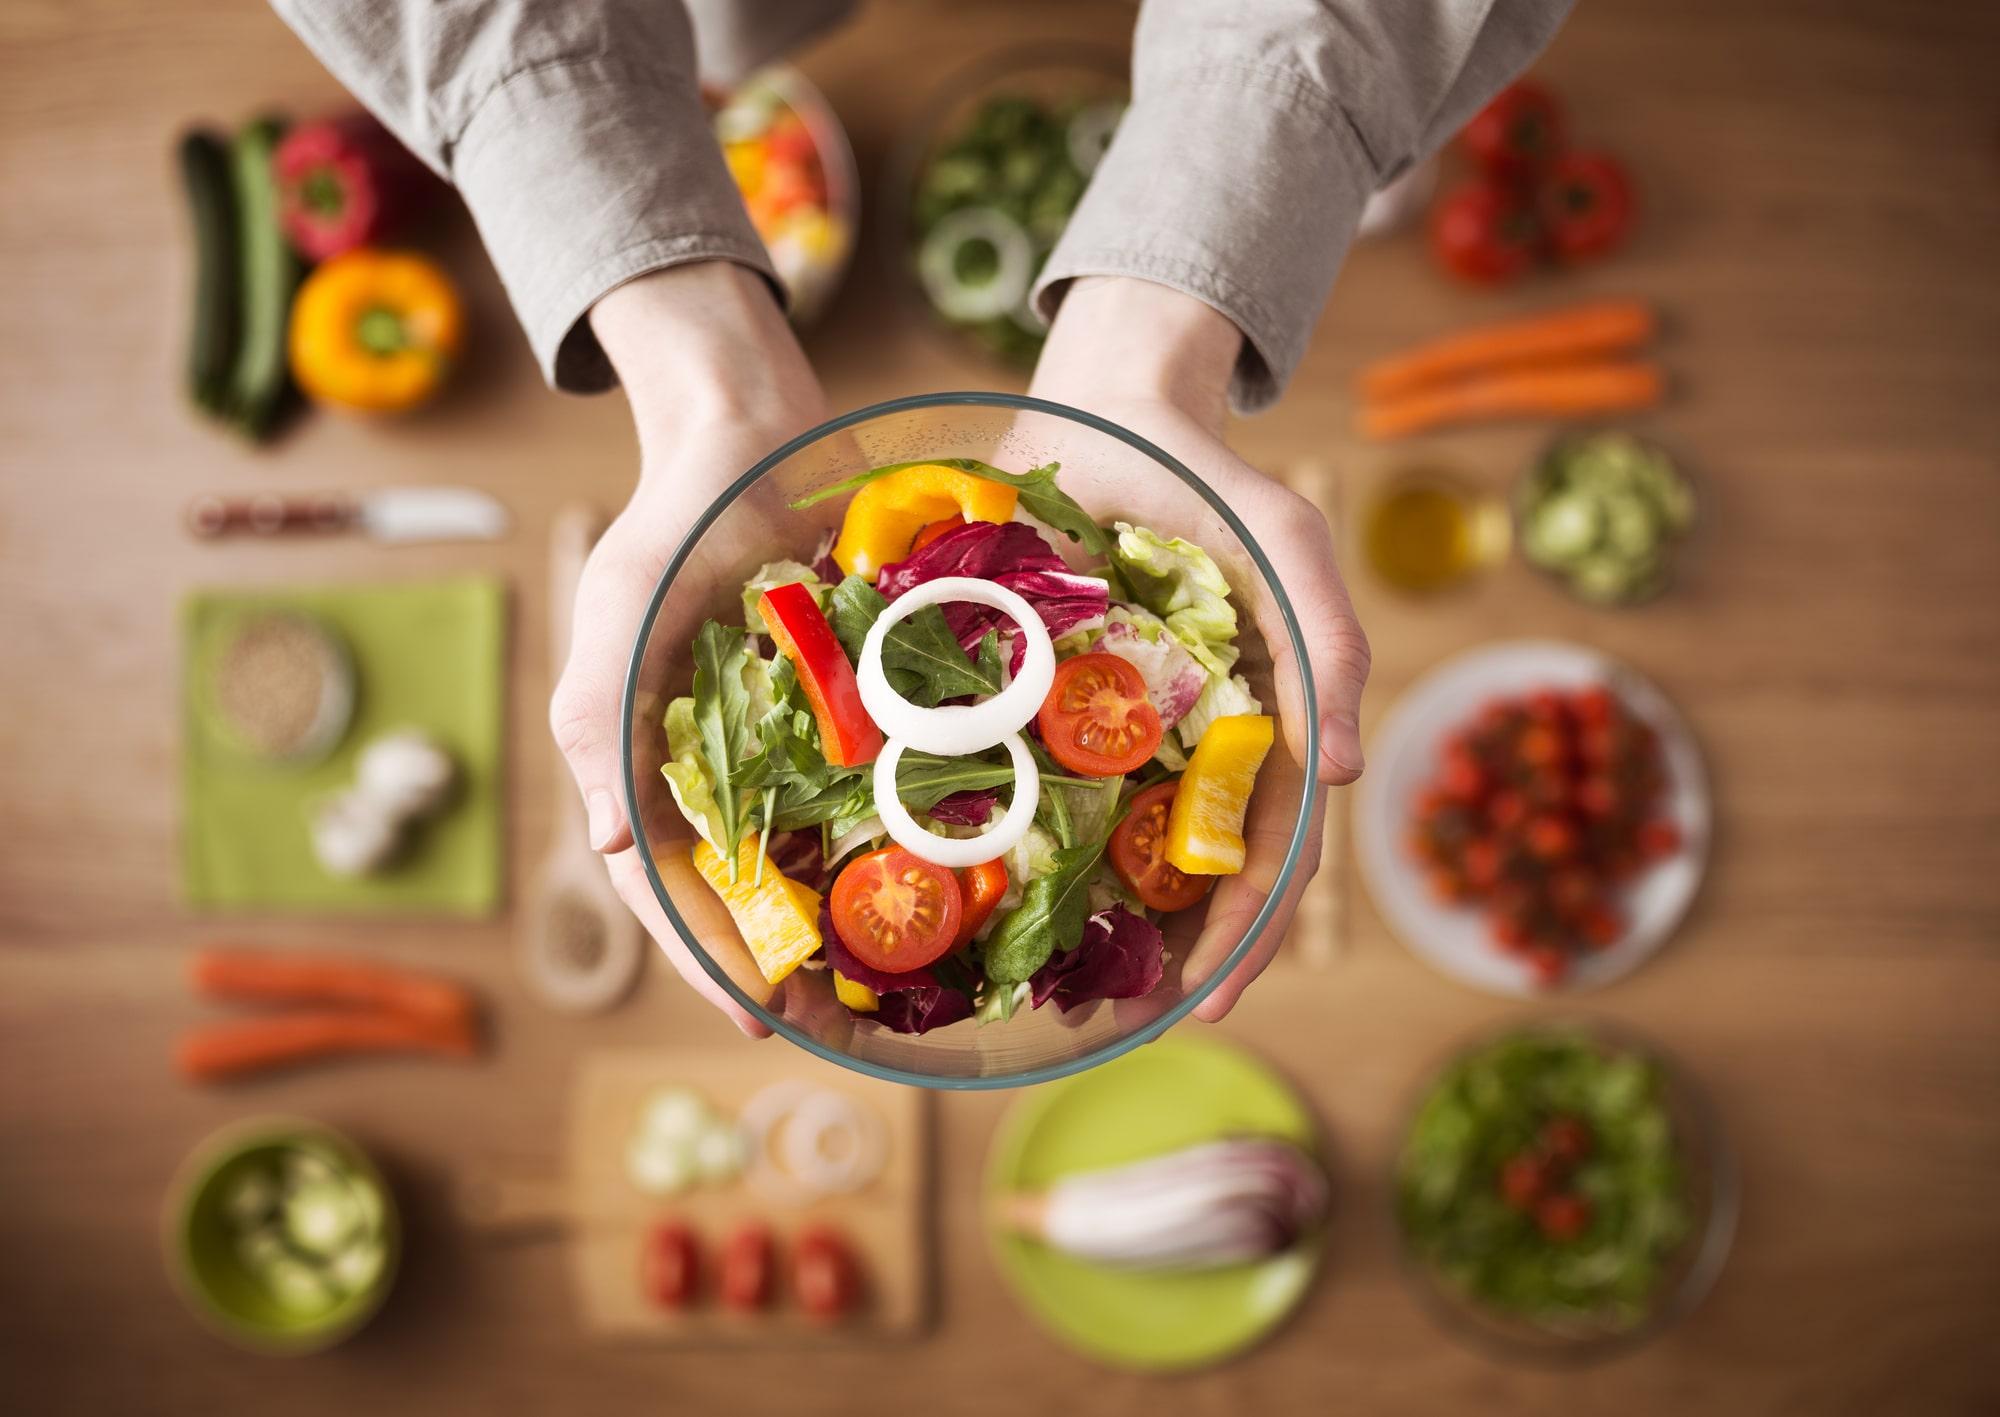 Легкие & кишечник: внимание к питанию